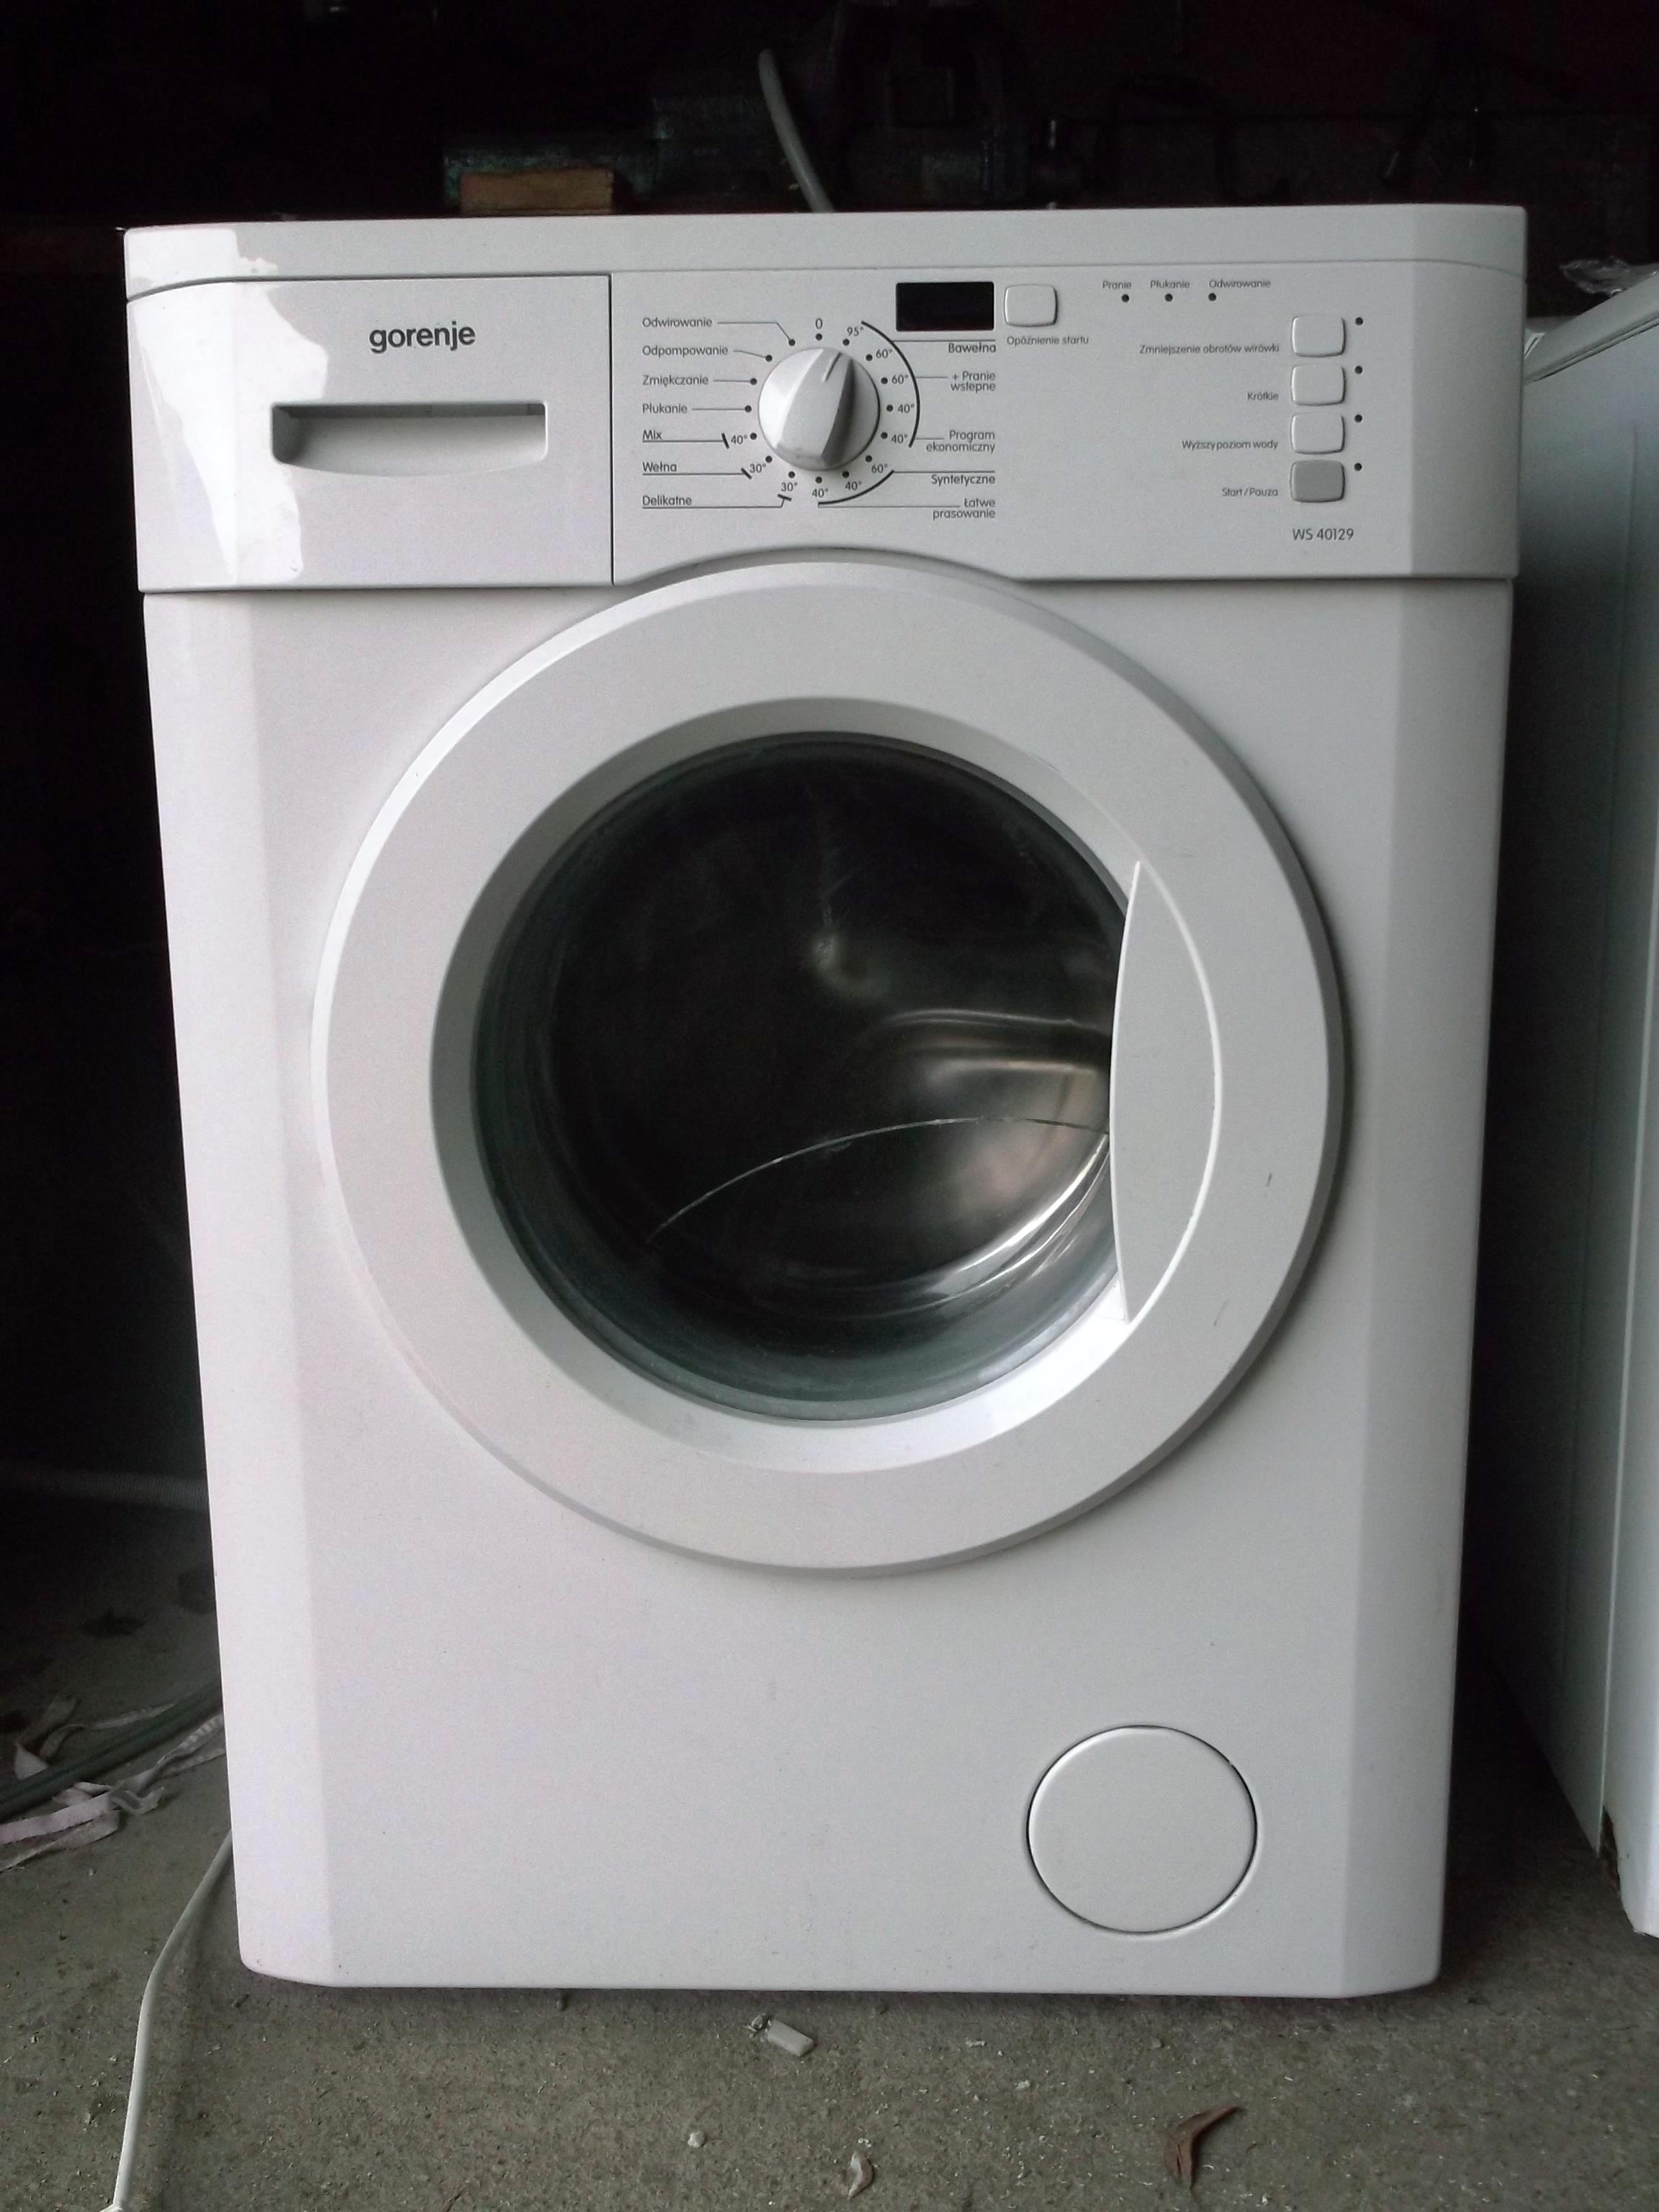 [Sprzedam] Silnik,b�ben,krzy�ak,fartuch,zbiornik pralki Gorenje WS40129